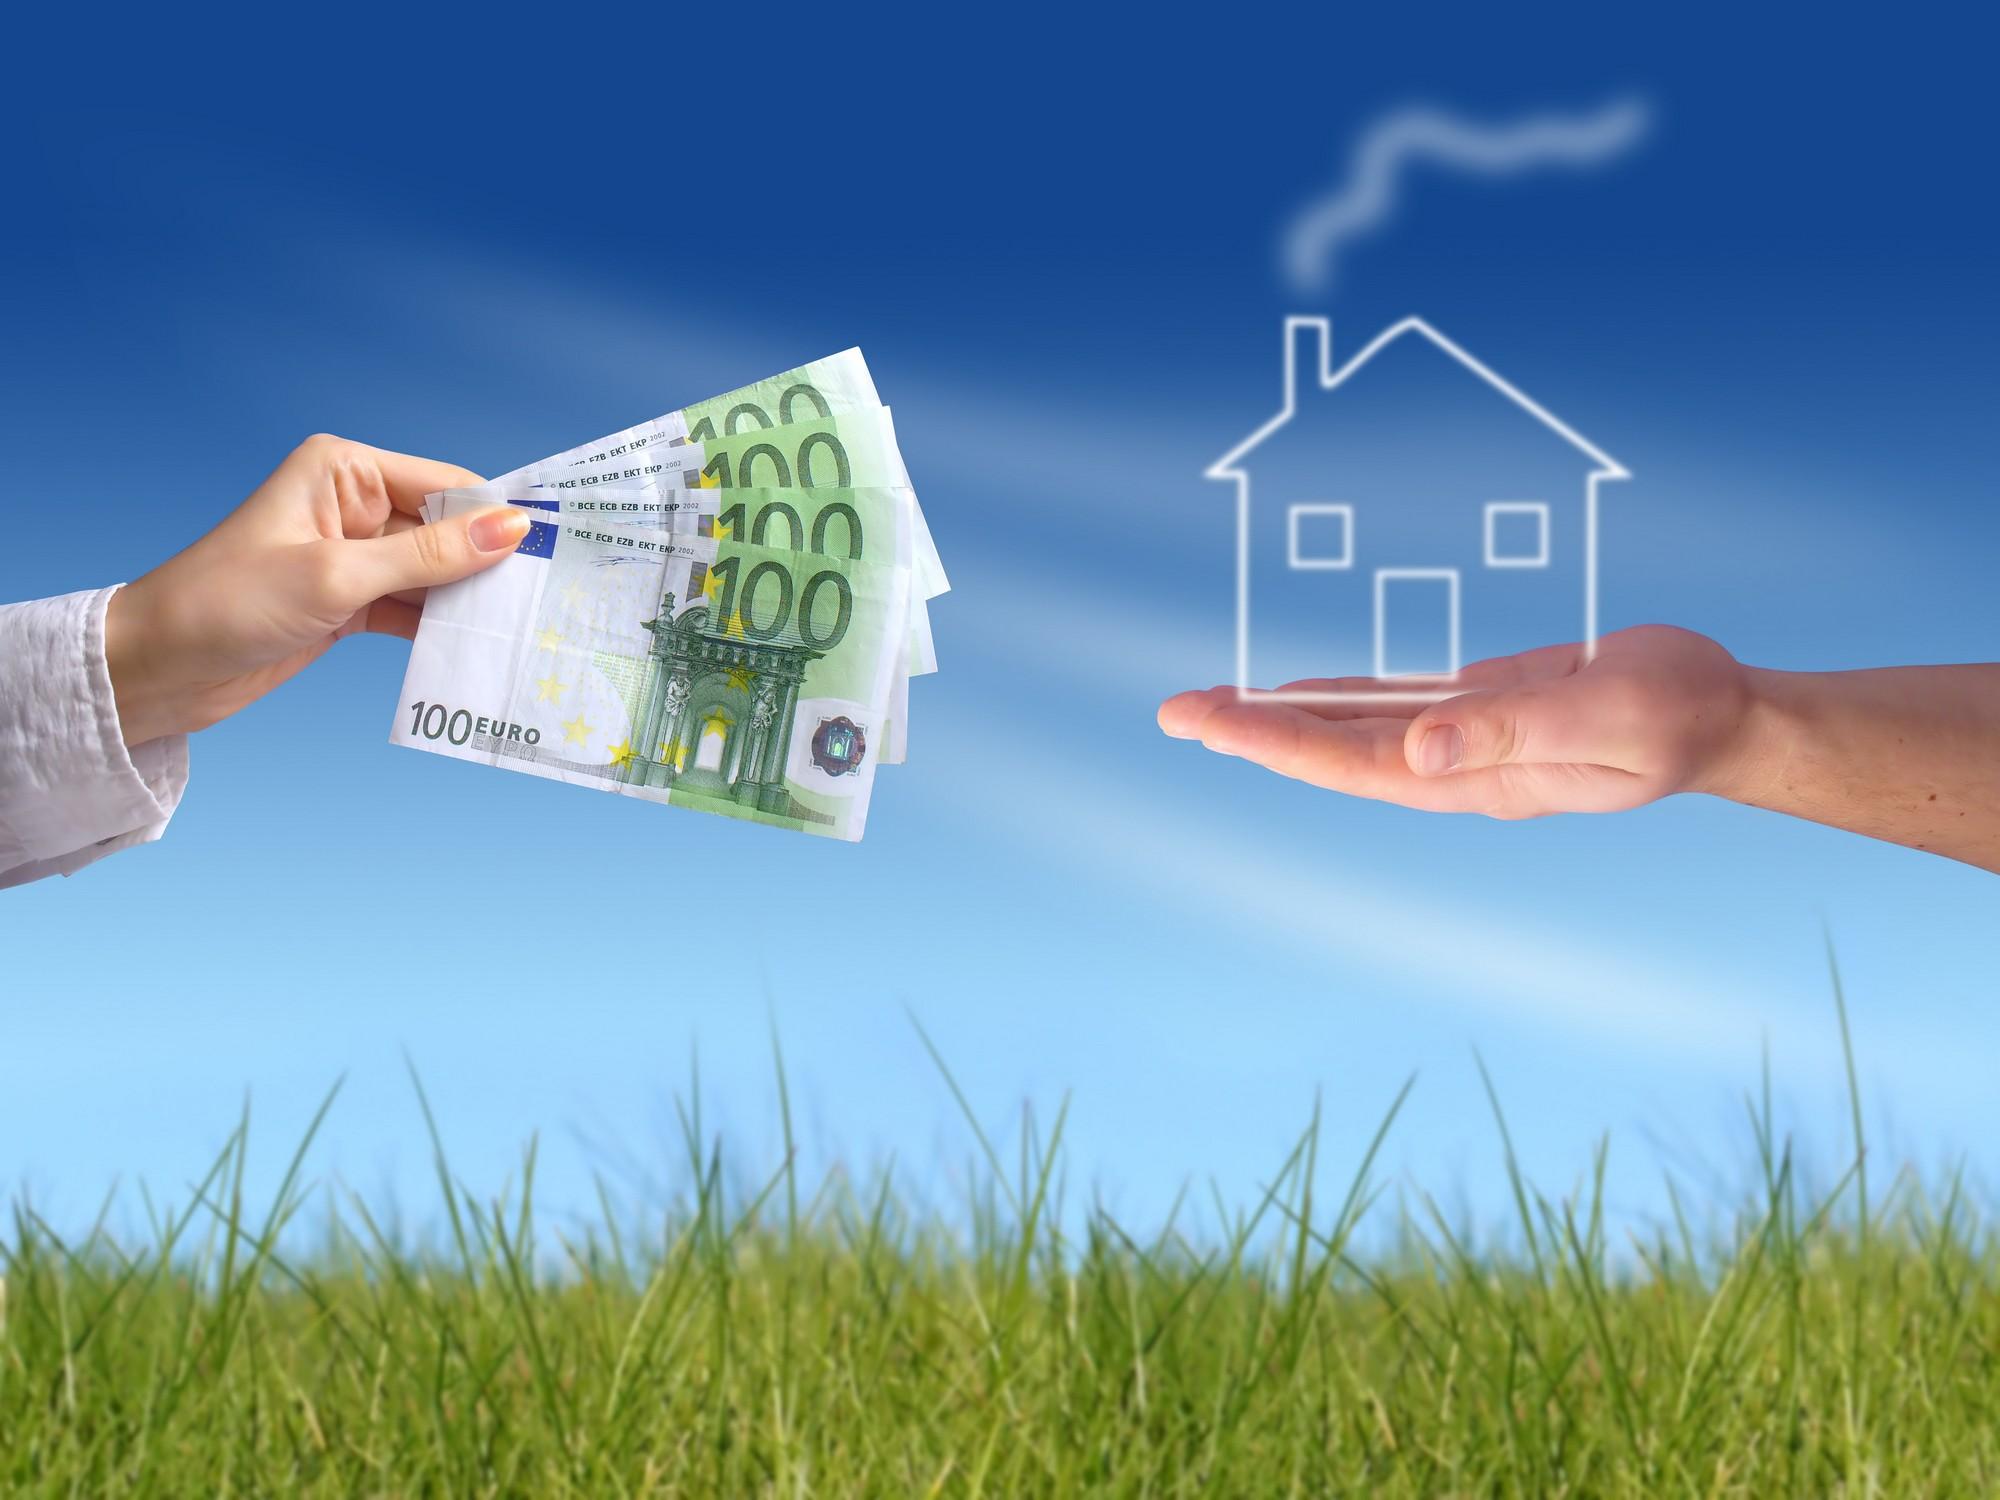 Achat immobilier : Acheter plusieurs biens immobiliers, la technique que je vous recommande